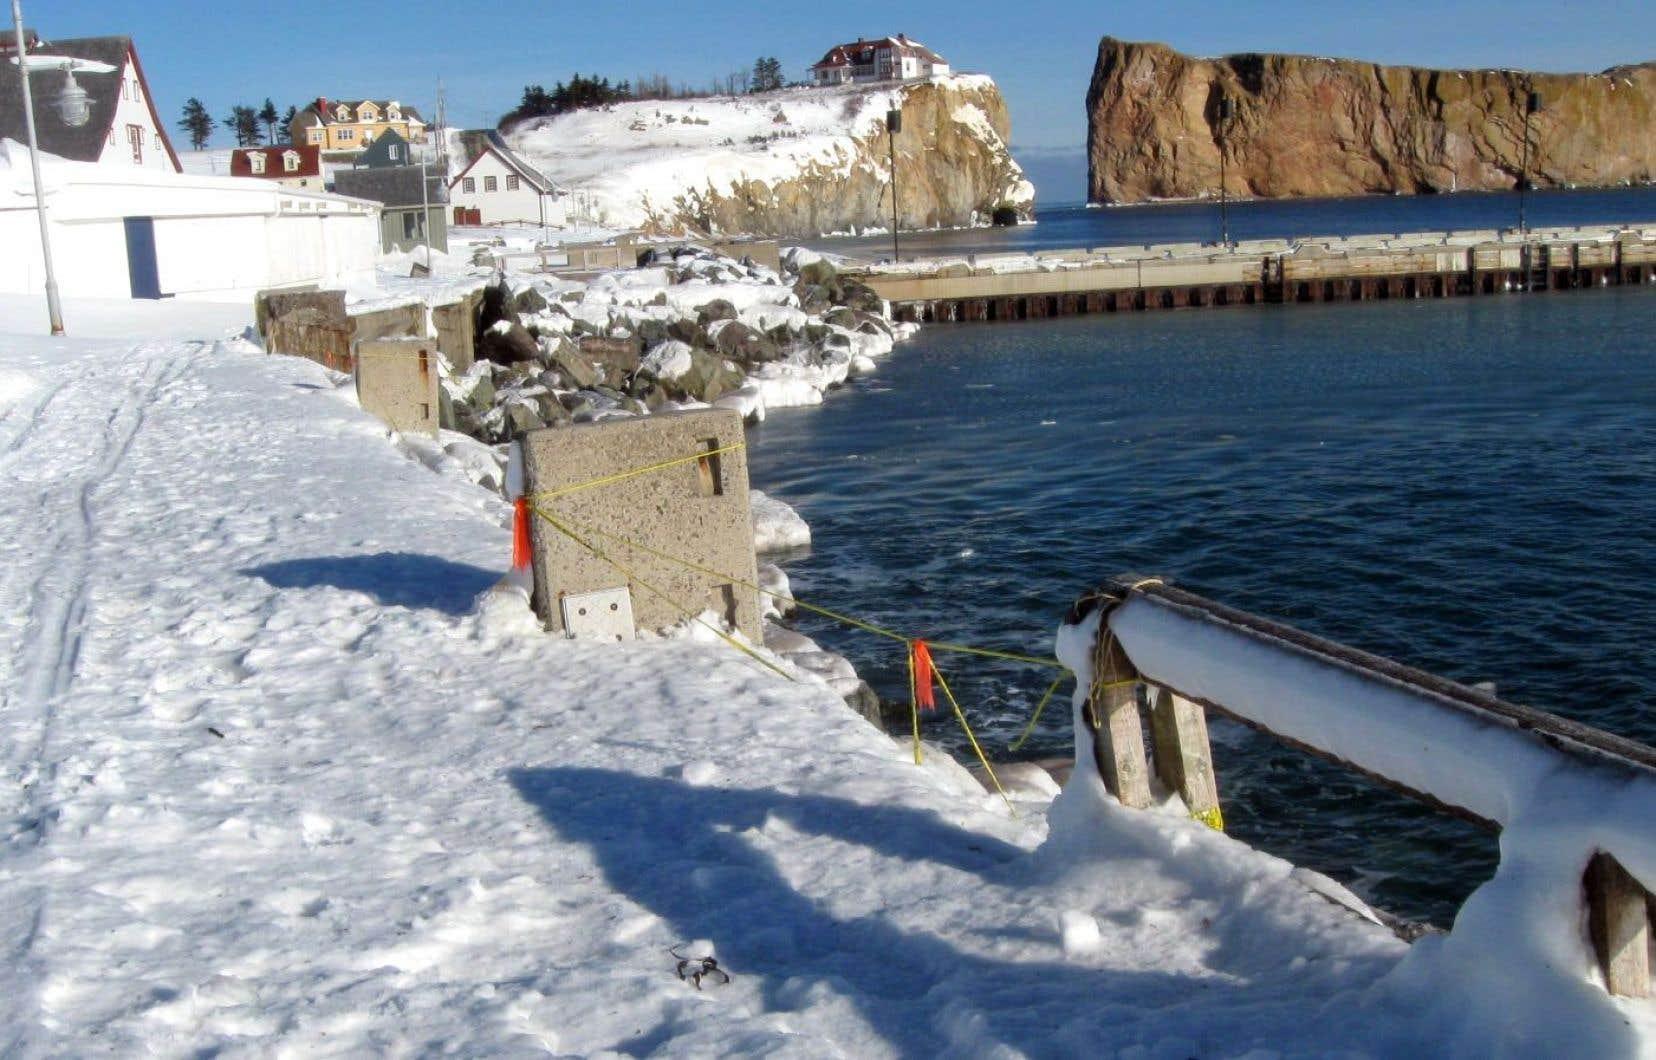 Le député Gaétan Lelièvre demande à Québec de débloquer les fonds promis depuis l'automne 2015 pour mettre à jour les études sur le rechargement de la plage de Percé.